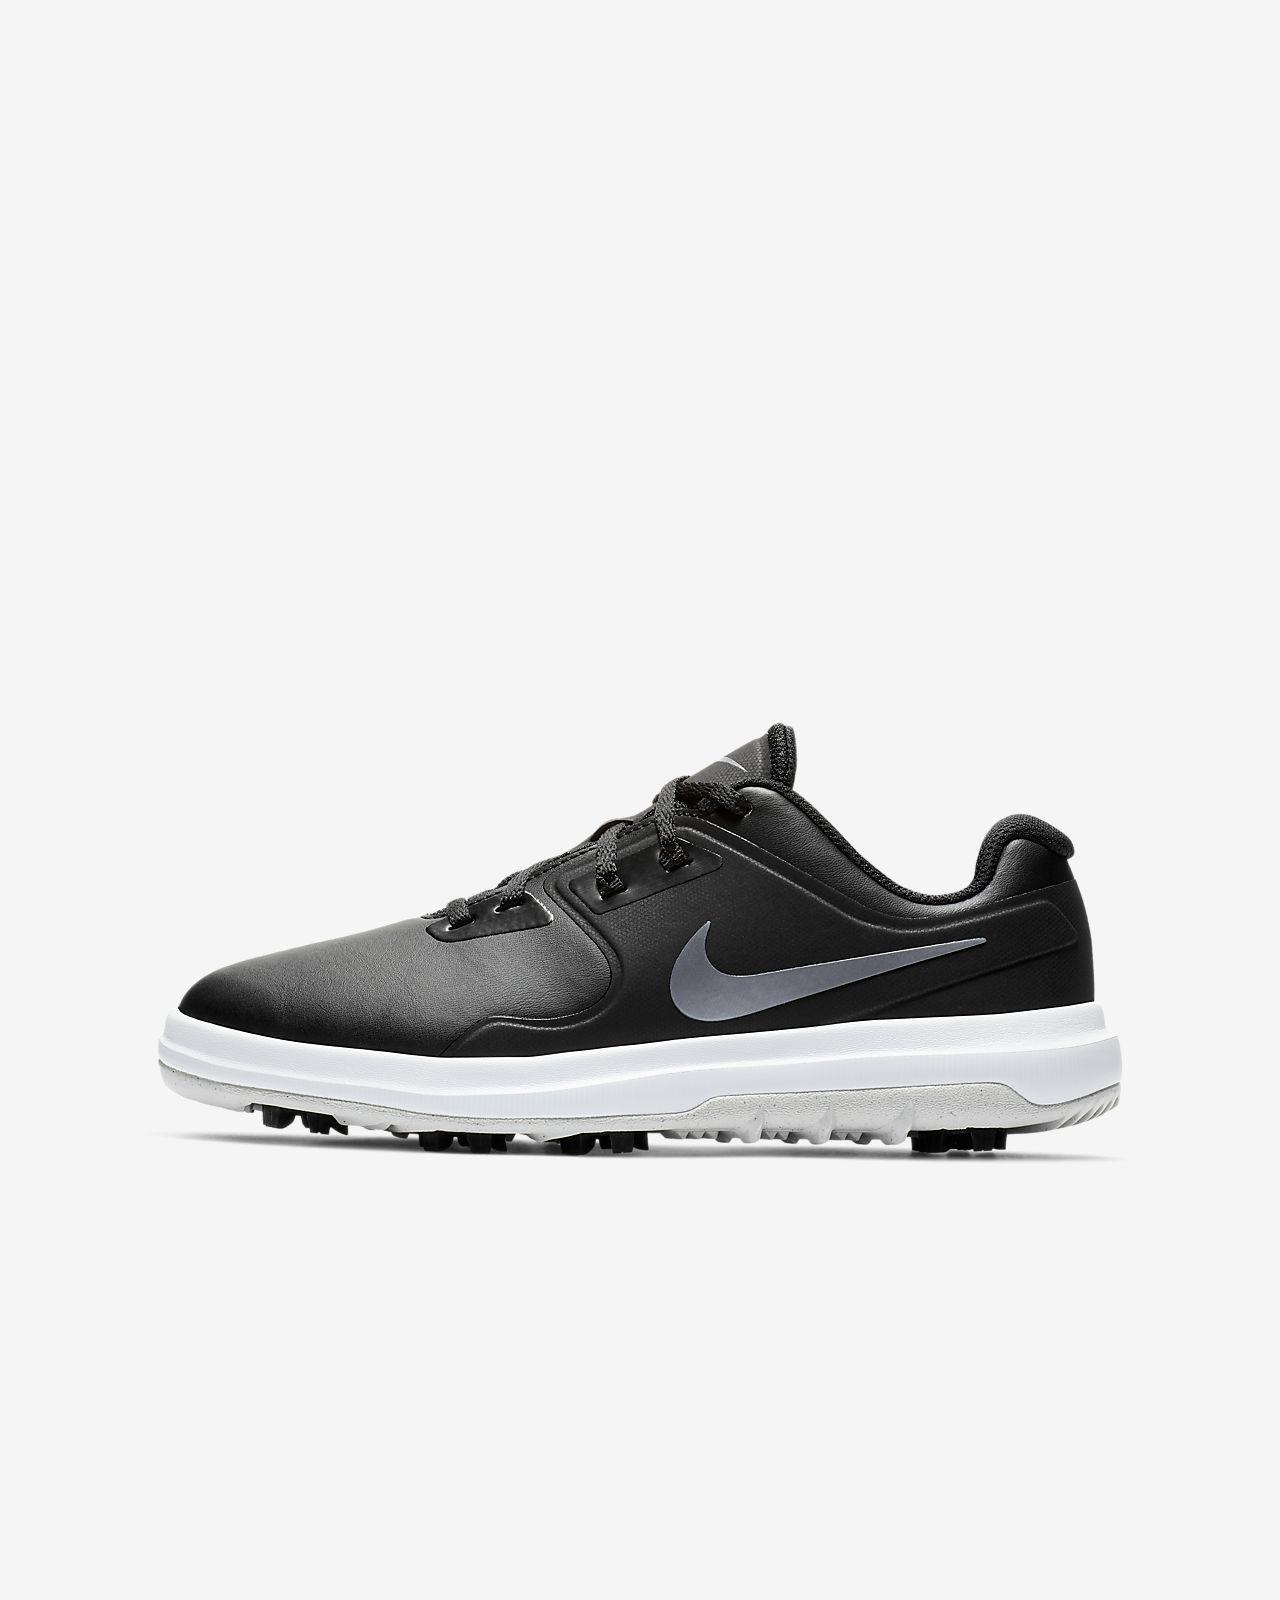 Παπούτσι γκολφ Nike Vapor Pro Jr. για μικρά/μεγάλα παιδιά